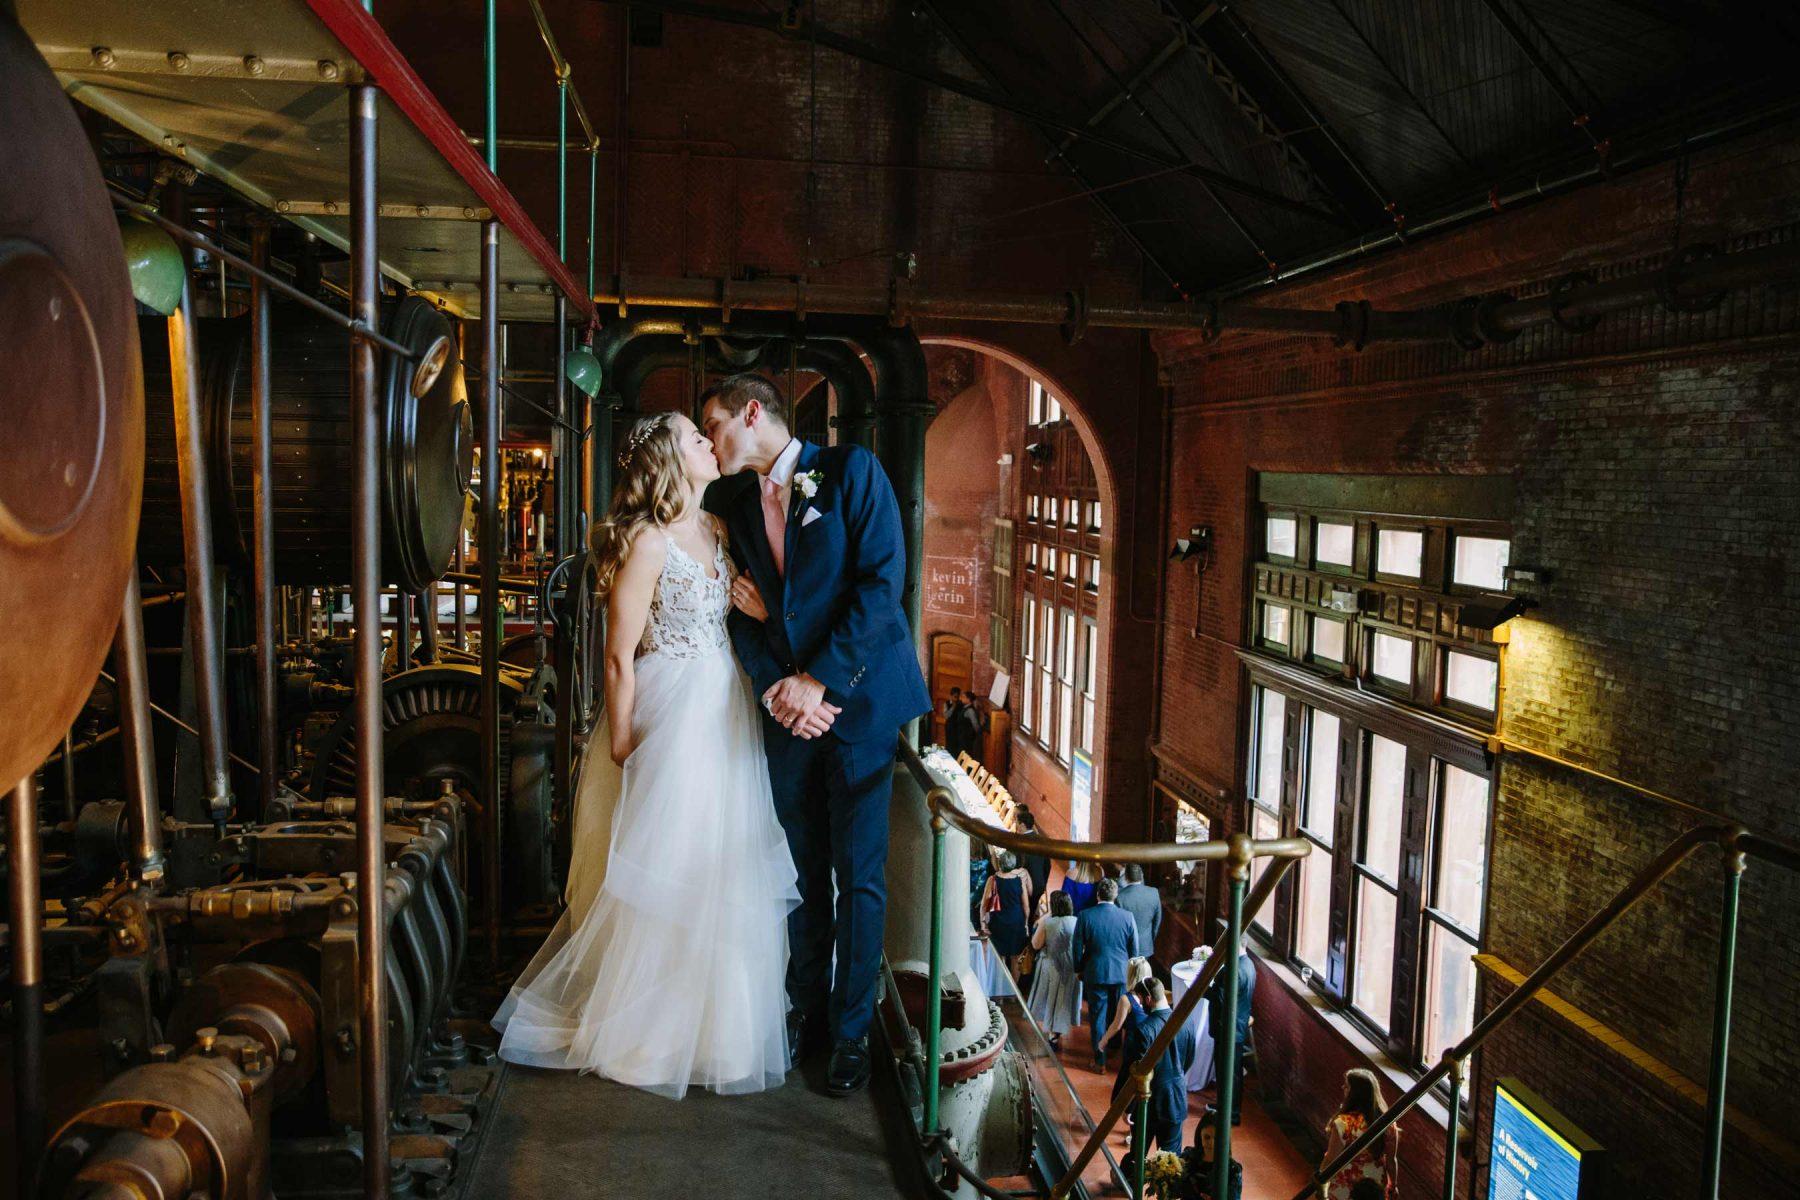 industrial wedding at waterworks museum in brookline, MA